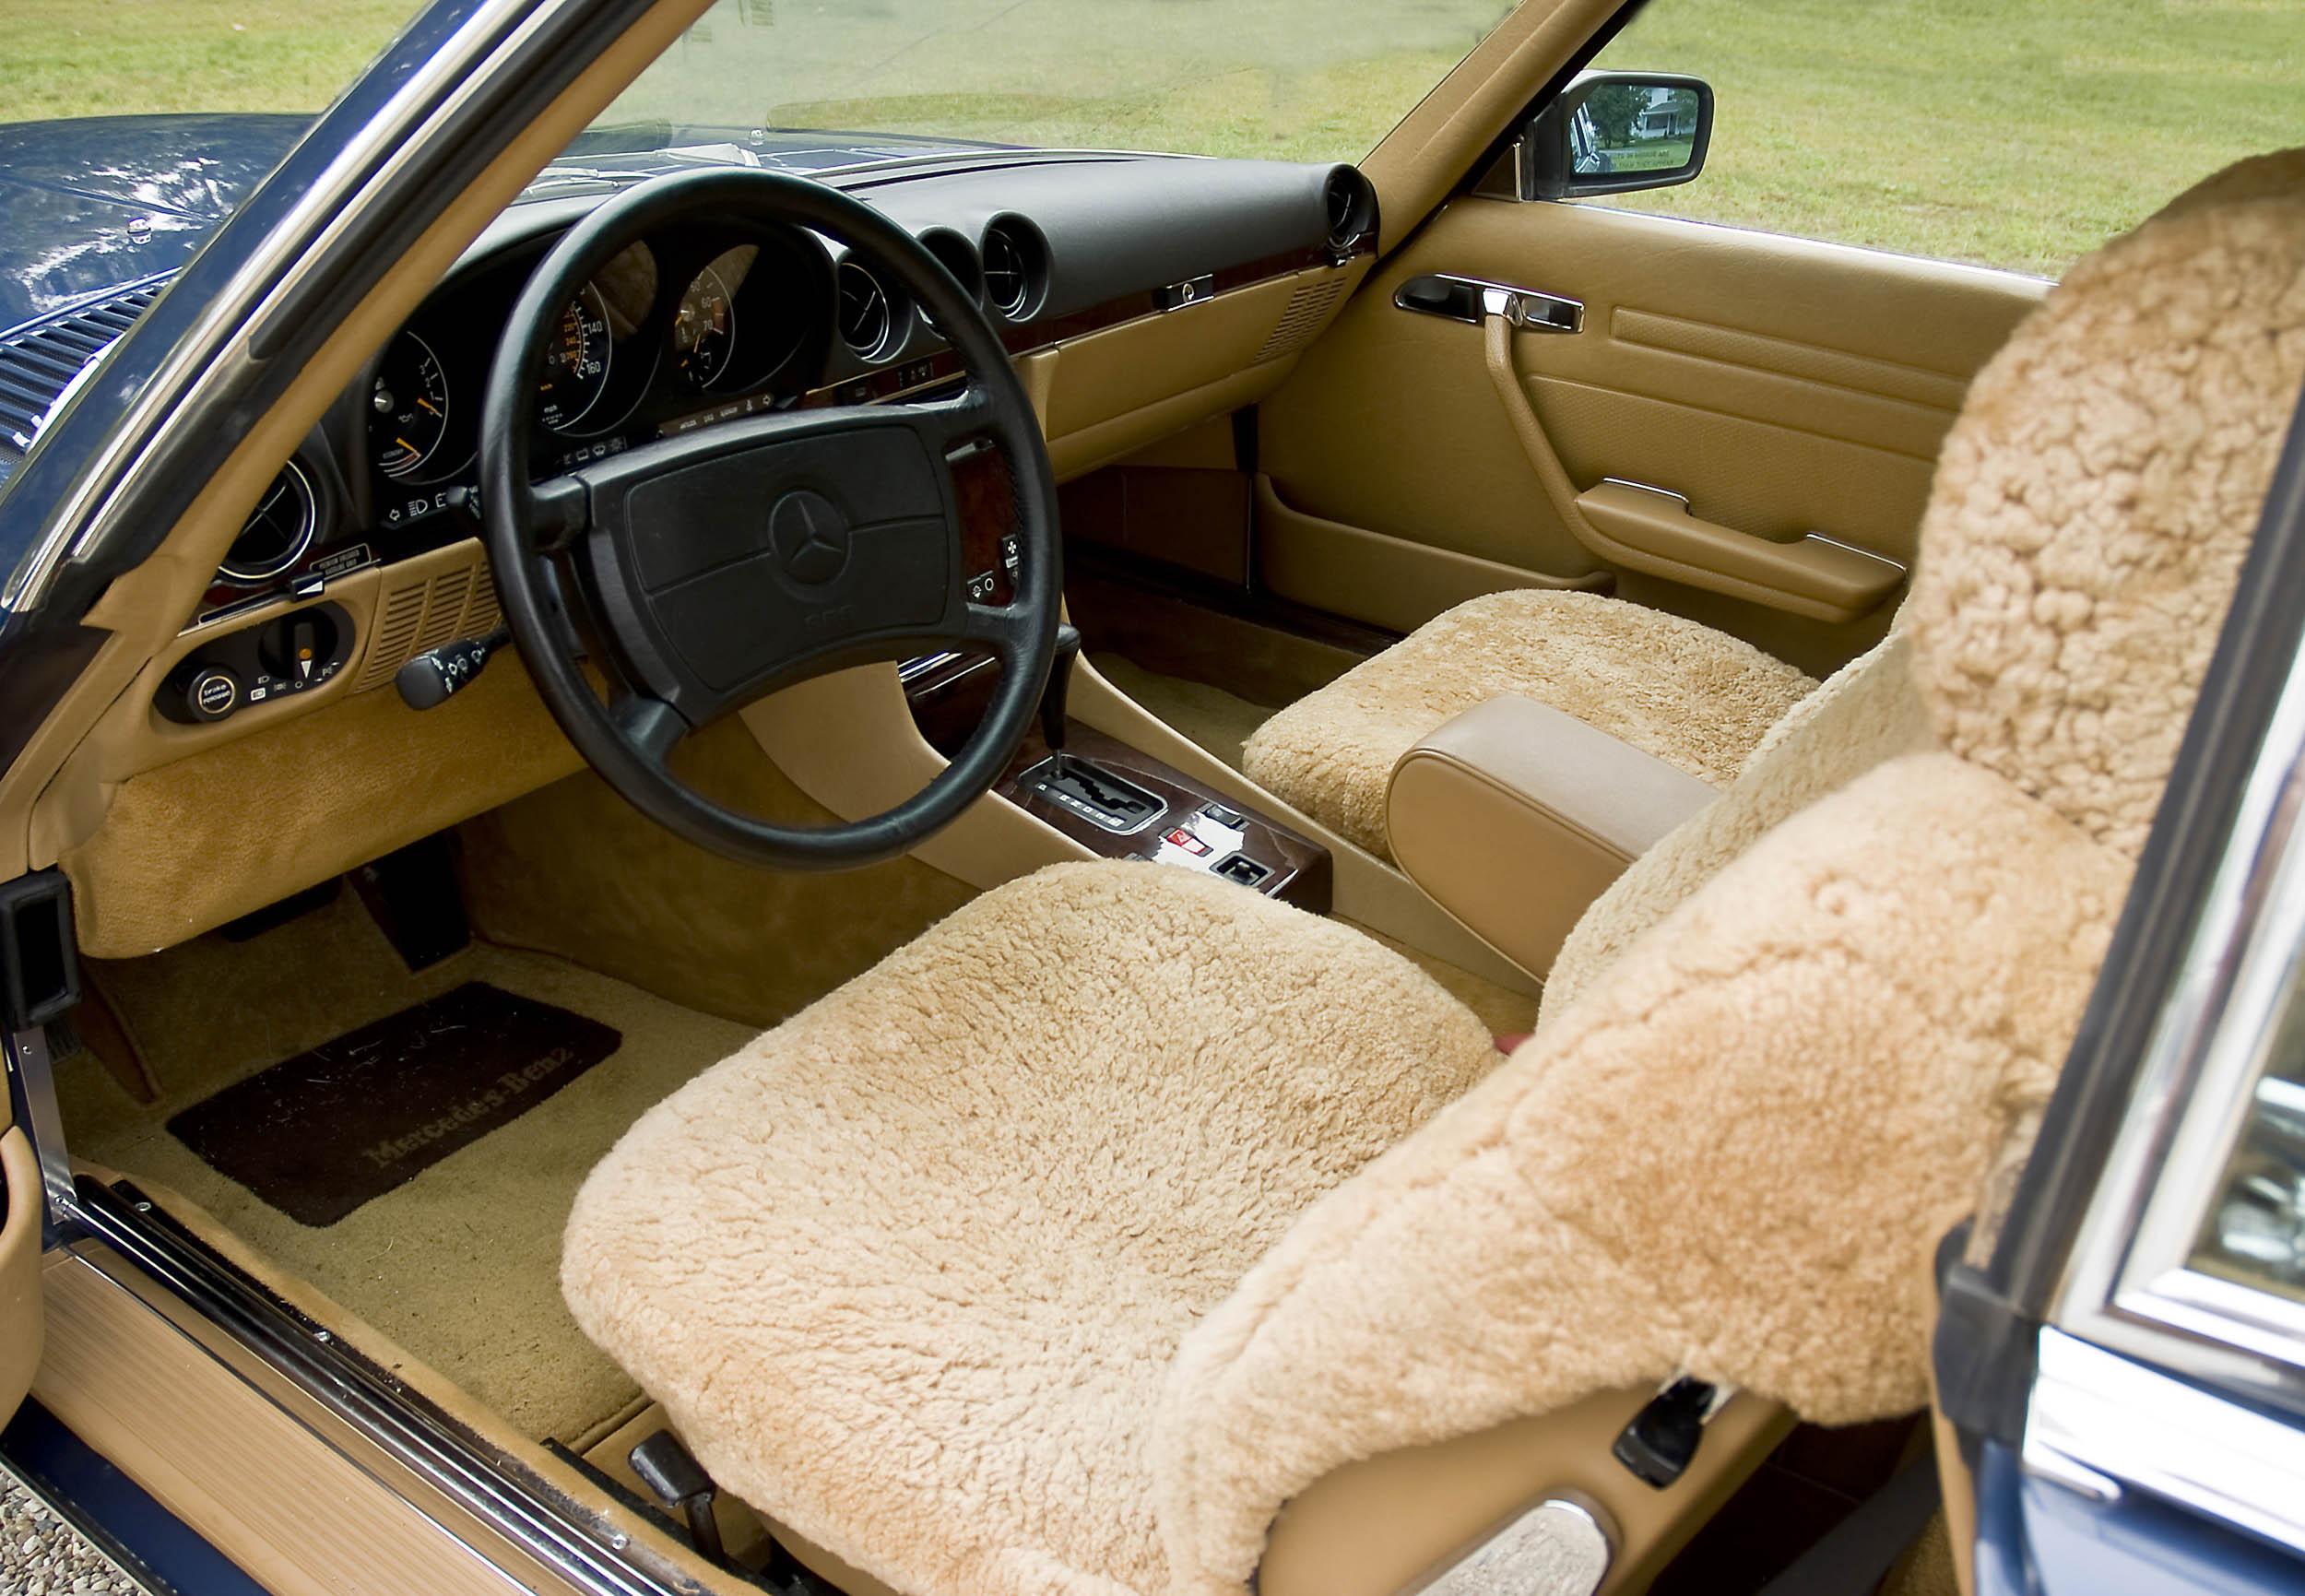 1986 Mercedes-Benz 560 SL interior